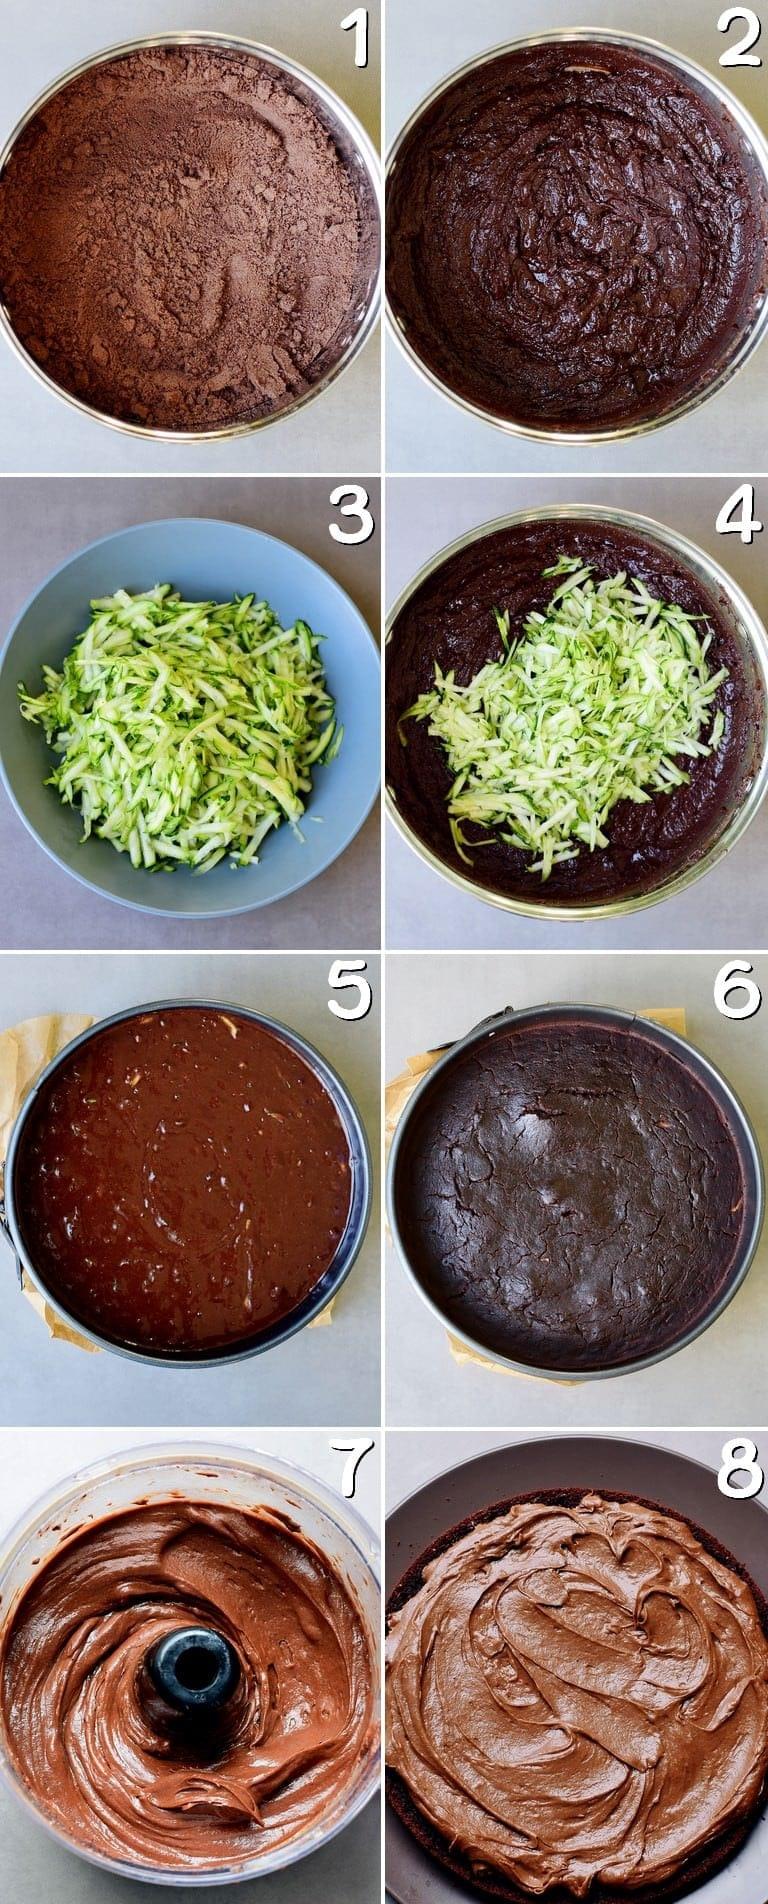 Schritt-Für-Schritt-Fotos für die Herstellung von einem Zucchini-Schokokuchen